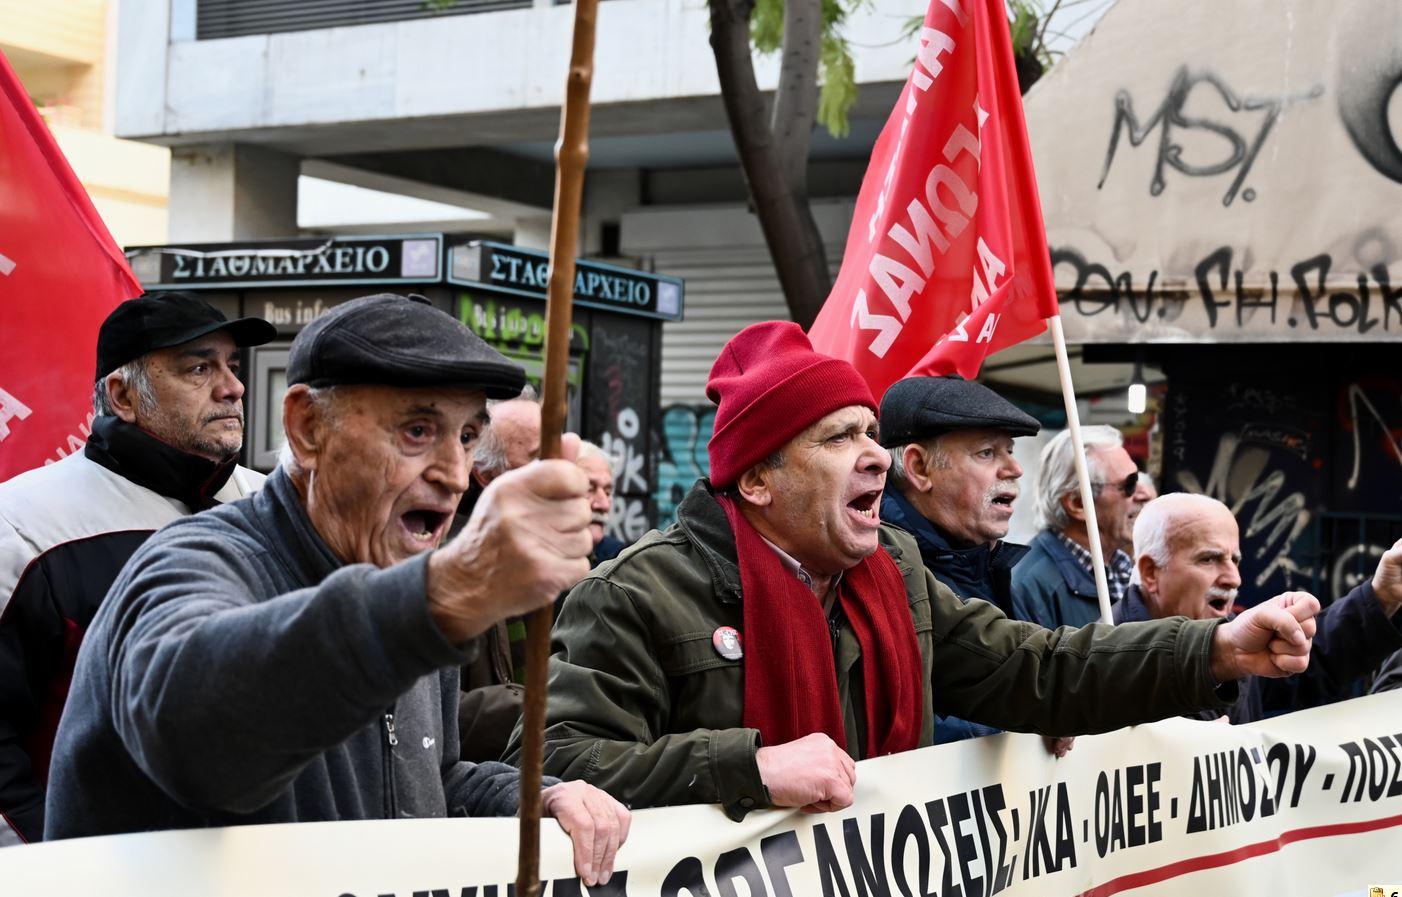 Συνταξιούχοι όχι στο σχέδιο Πισσαρίδη